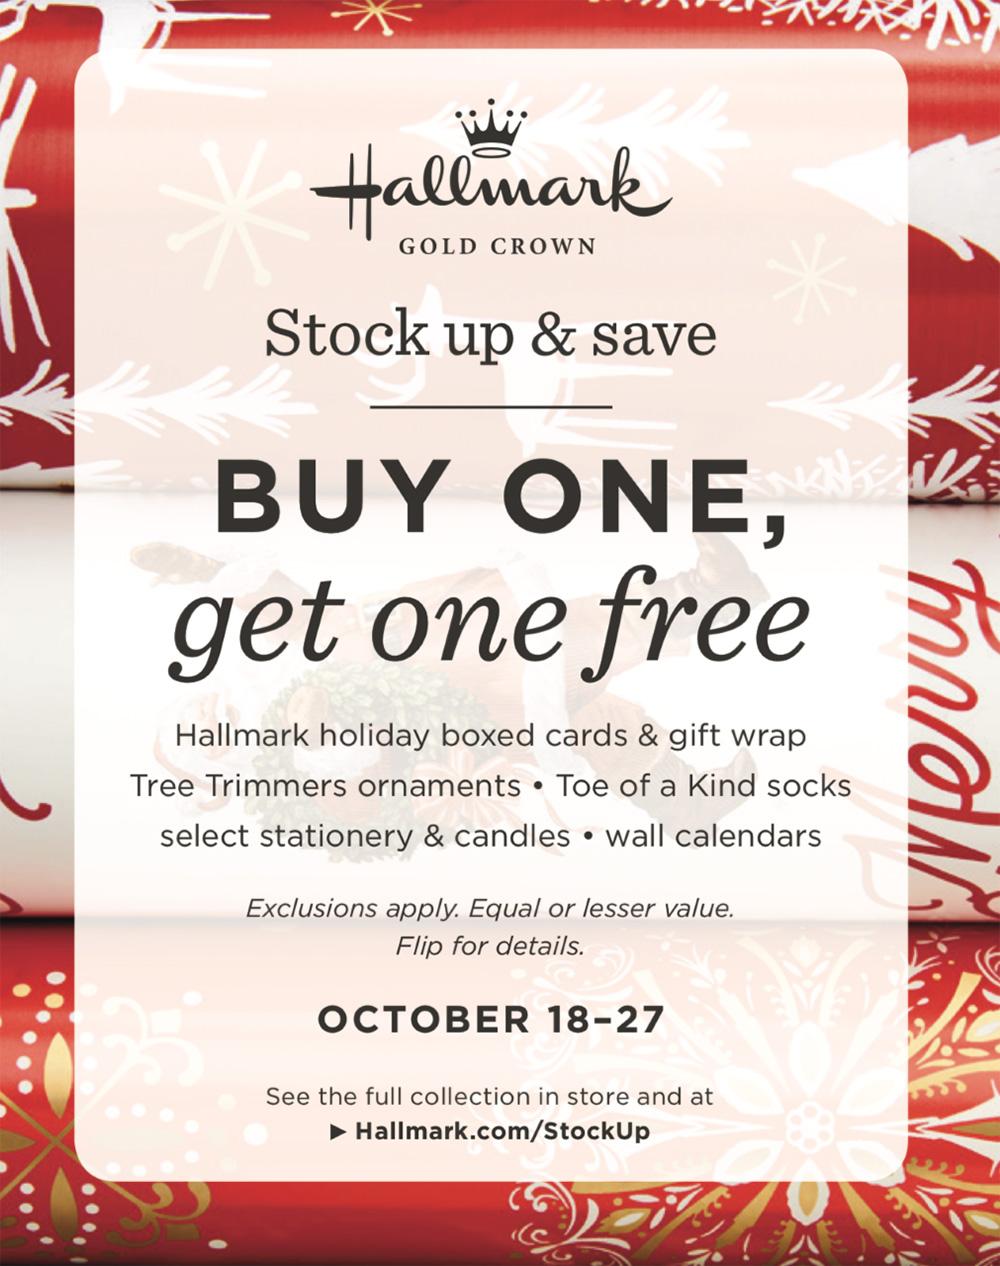 Hallmark Stock Up & Save from Hallmark